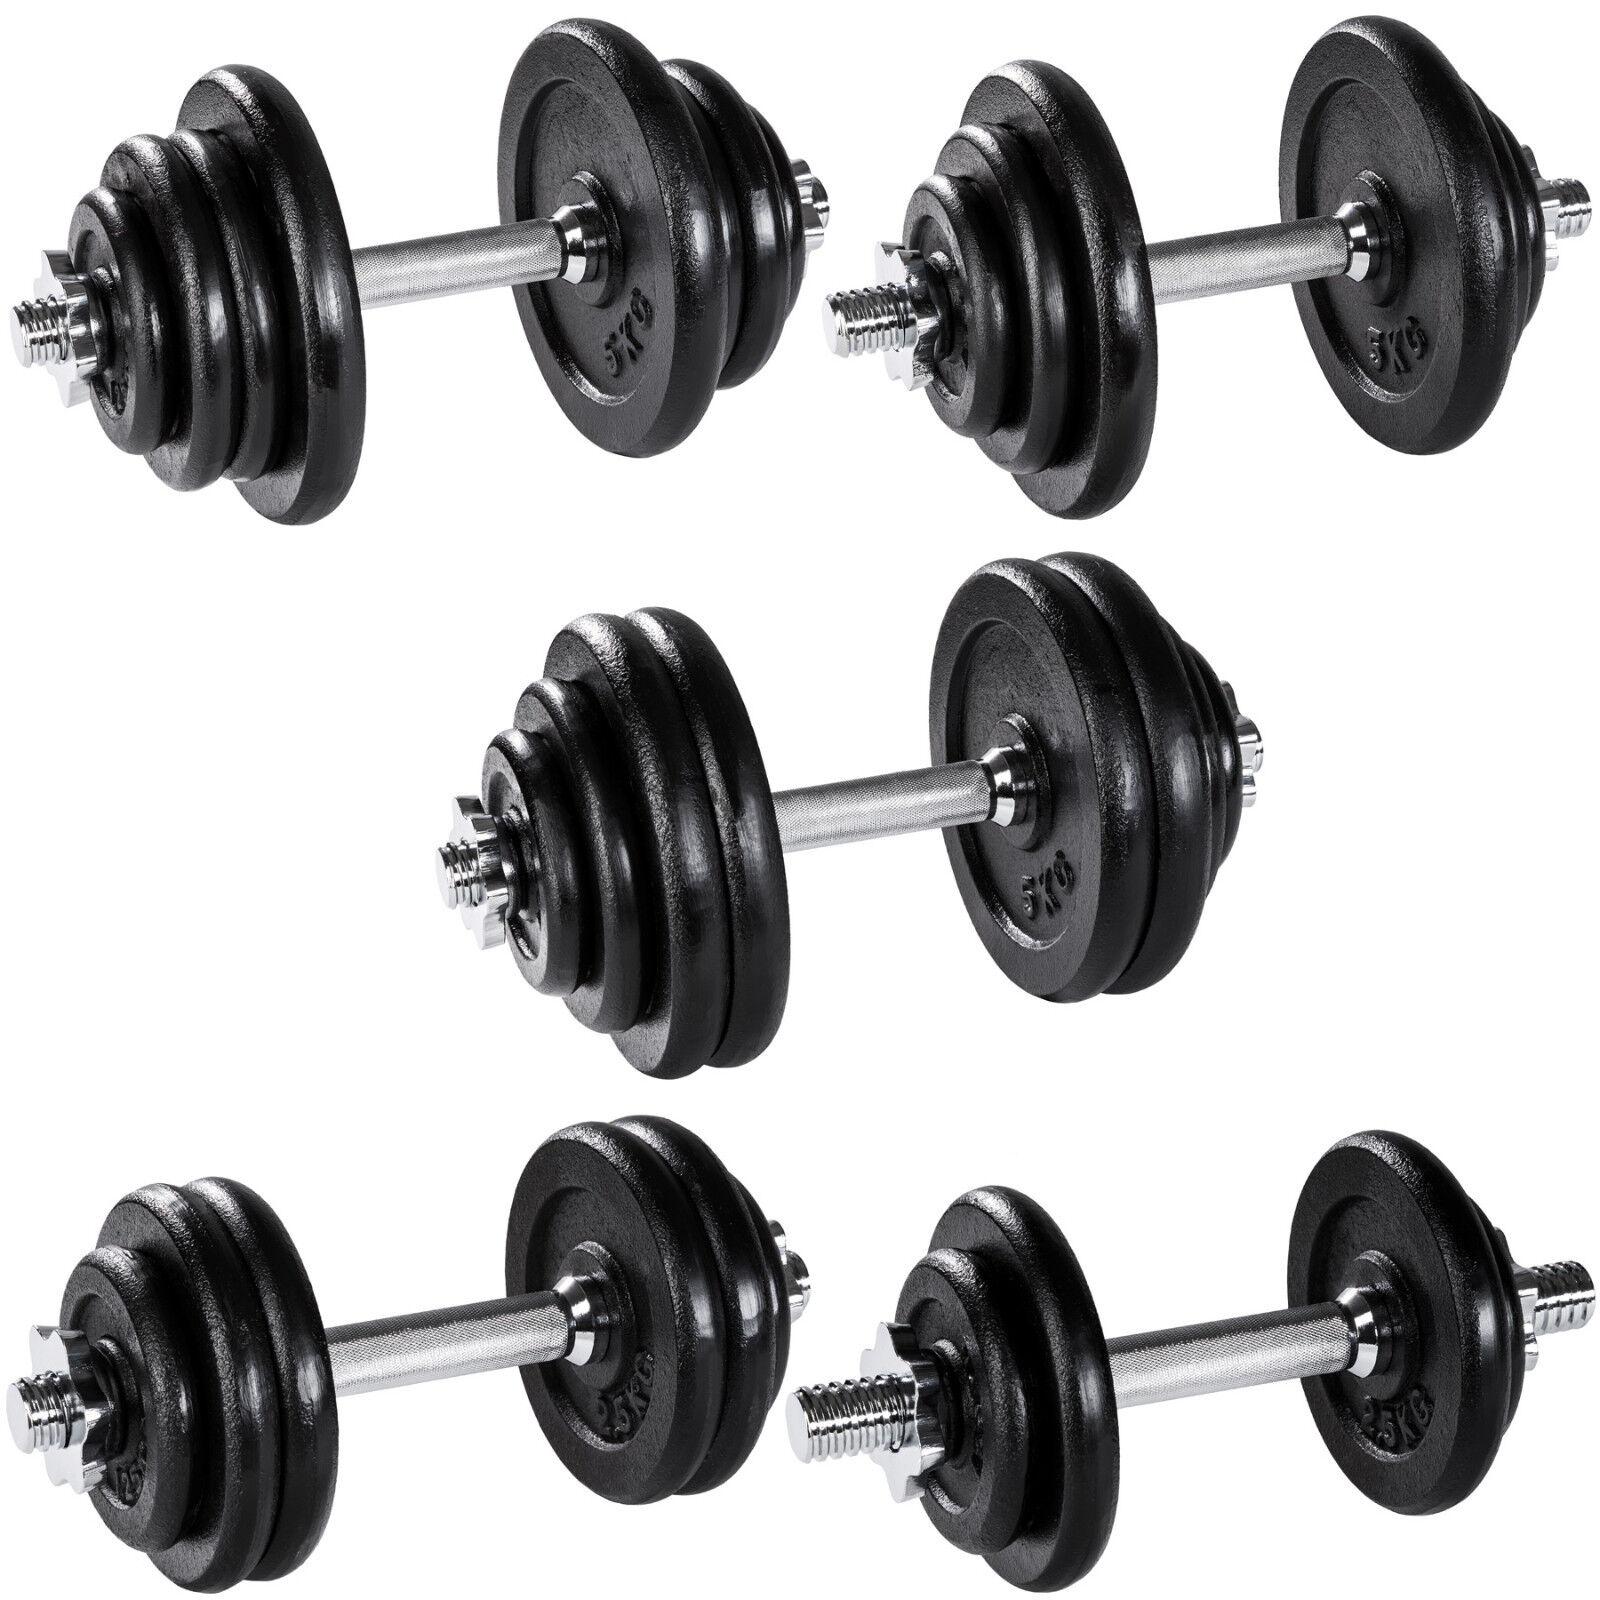 Manubrio con pesi in ghisa palestra set peso fitness bilanciere nero